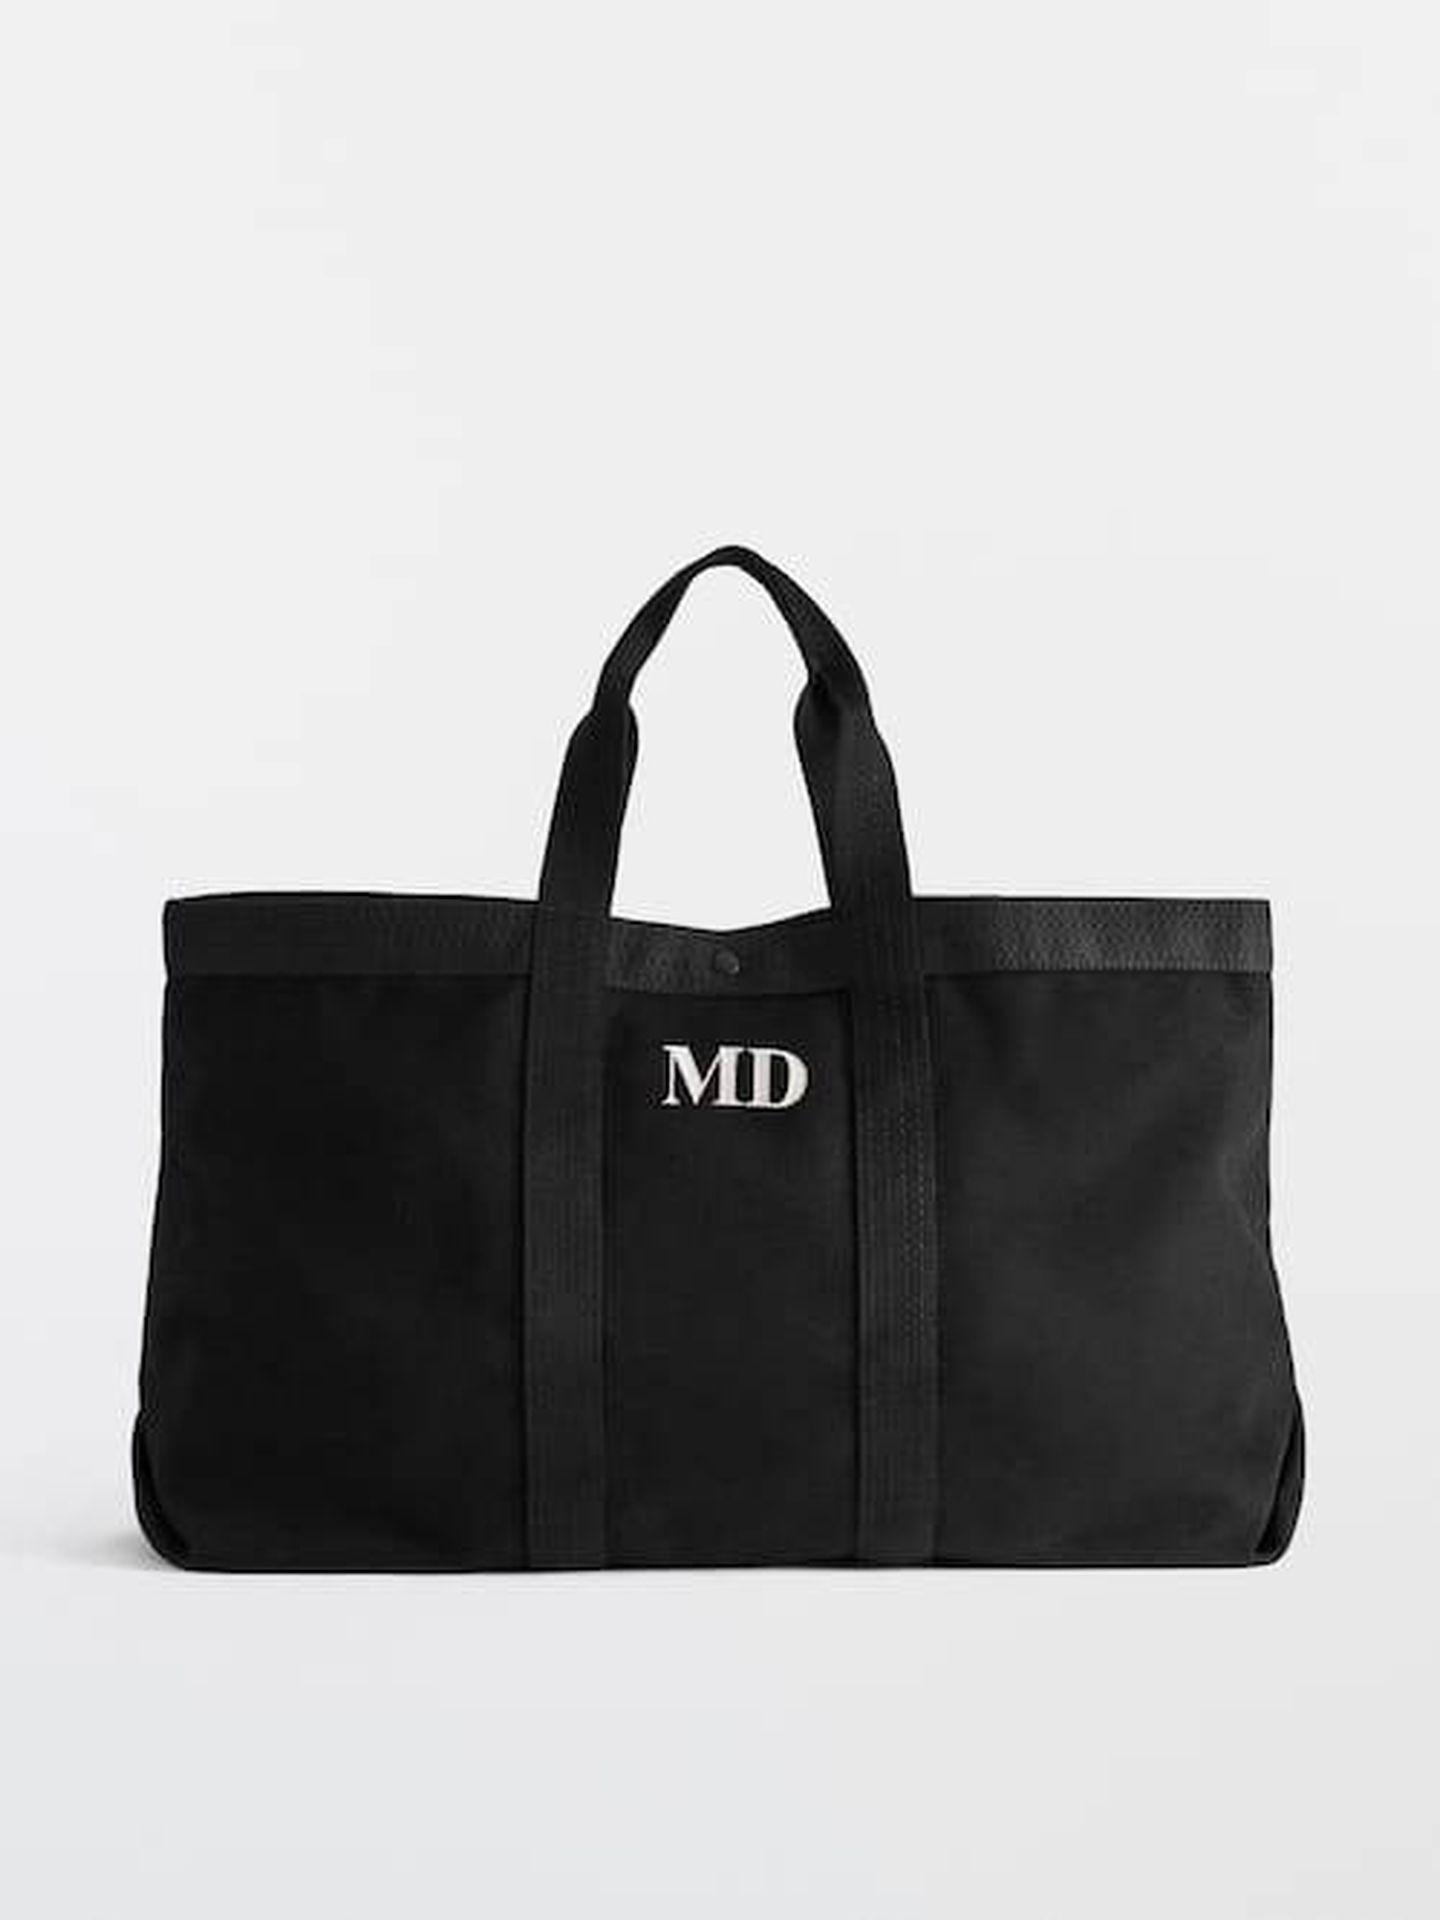 El bolso de Massimo Dutti. (Cortesía)